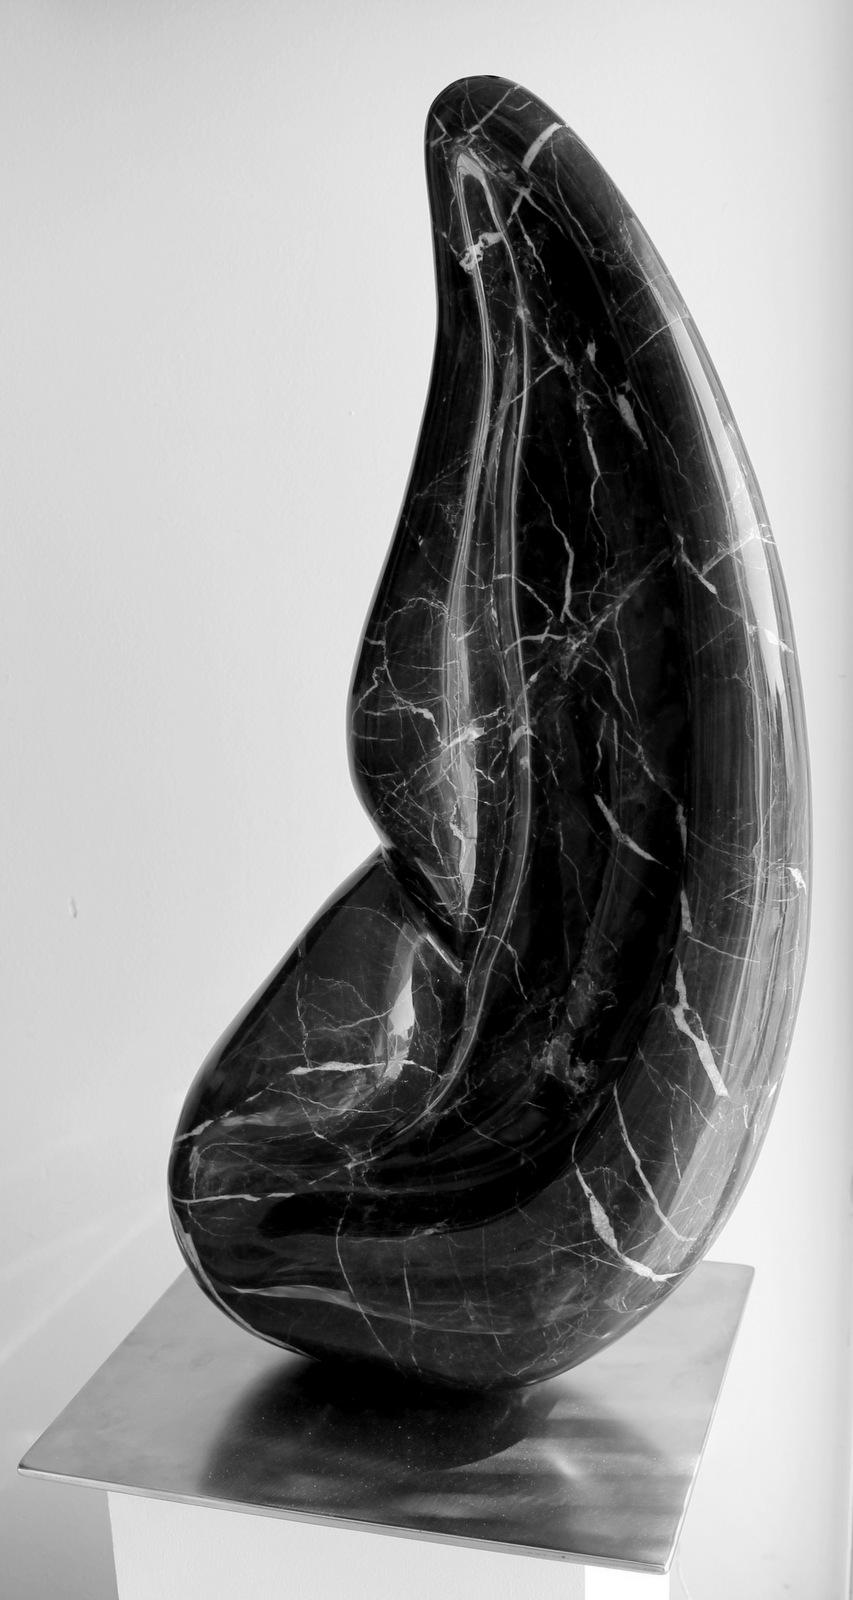 L'oreille - sculpture marbre noir de Saint-Laurent - 80 cm x 80 kg